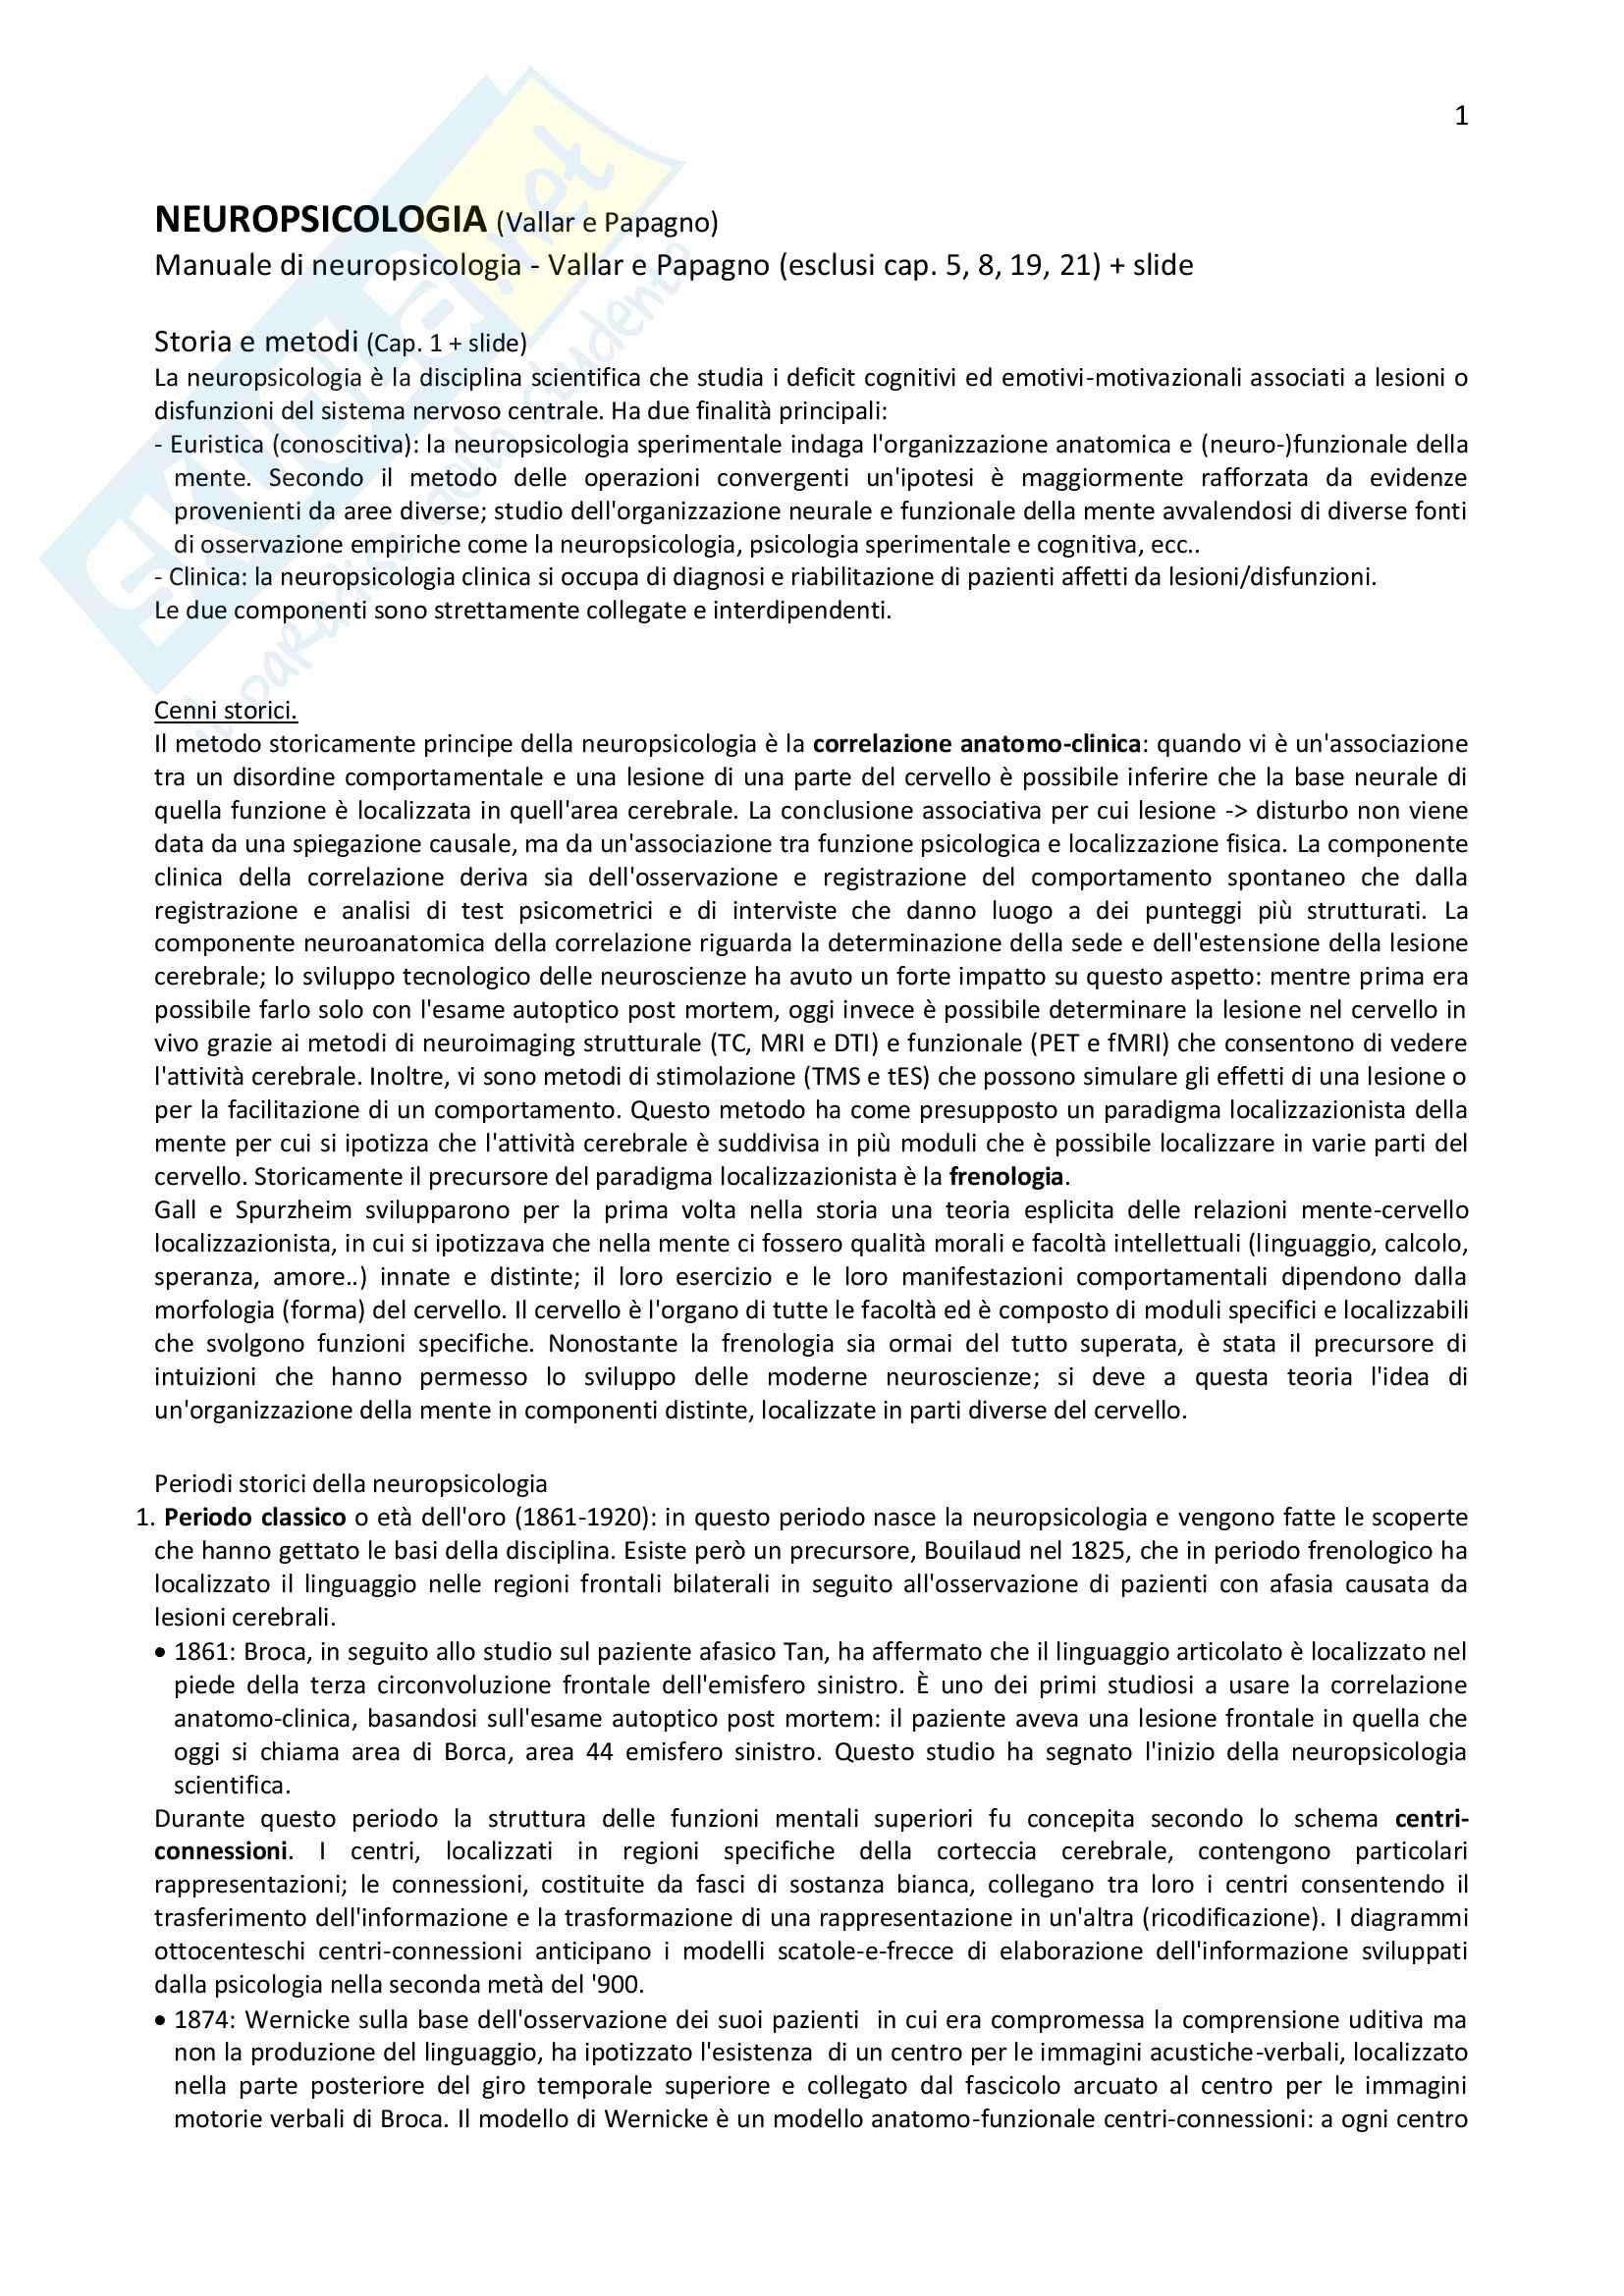 """Riassunto dell'esame di Neuropsicologica (Vallar e Papagno), libro consigliato """"Manuale di Neuropsicologia"""""""